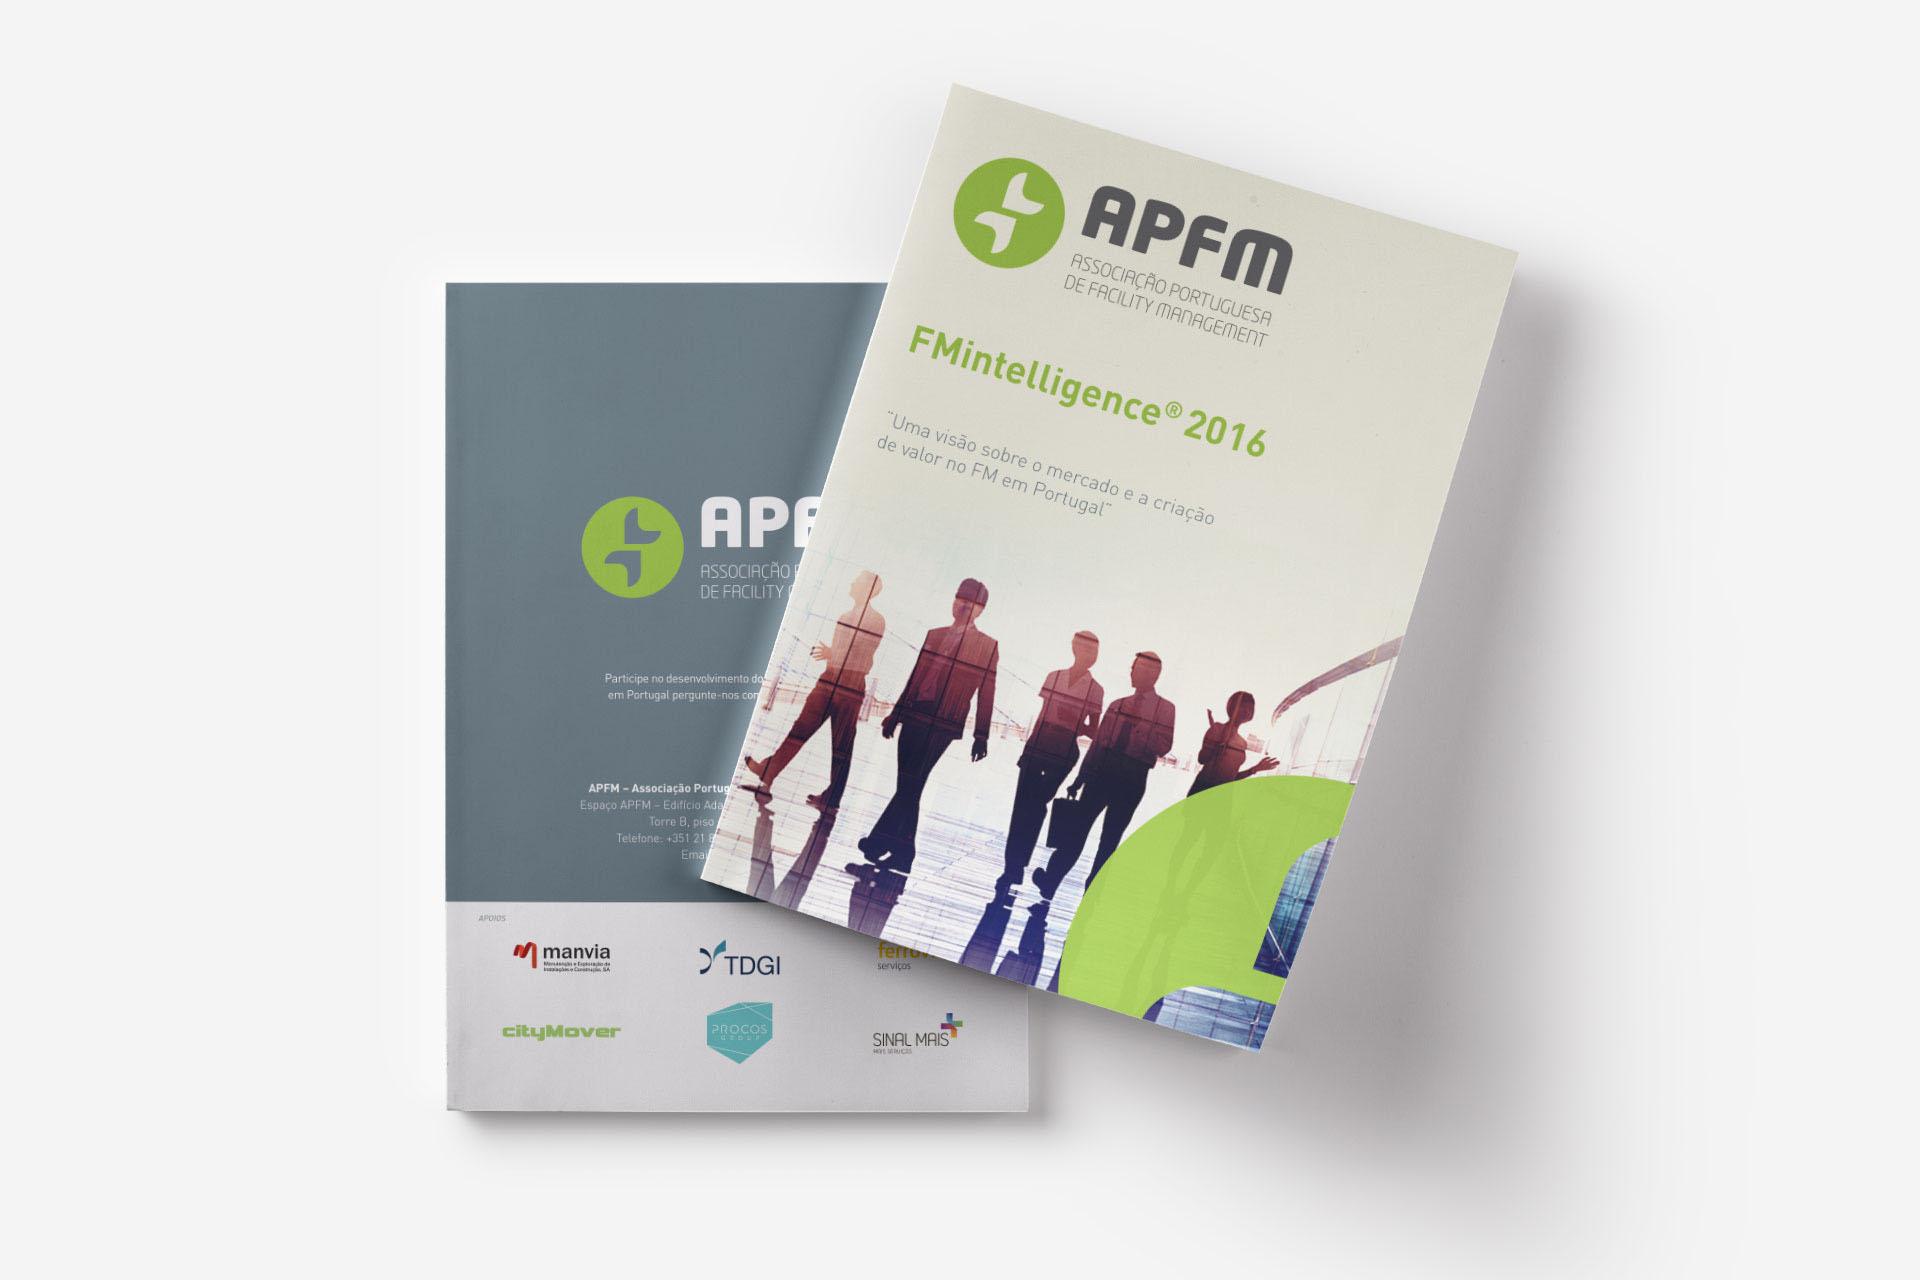 Estudo FM Intelligence 2016 - APFM